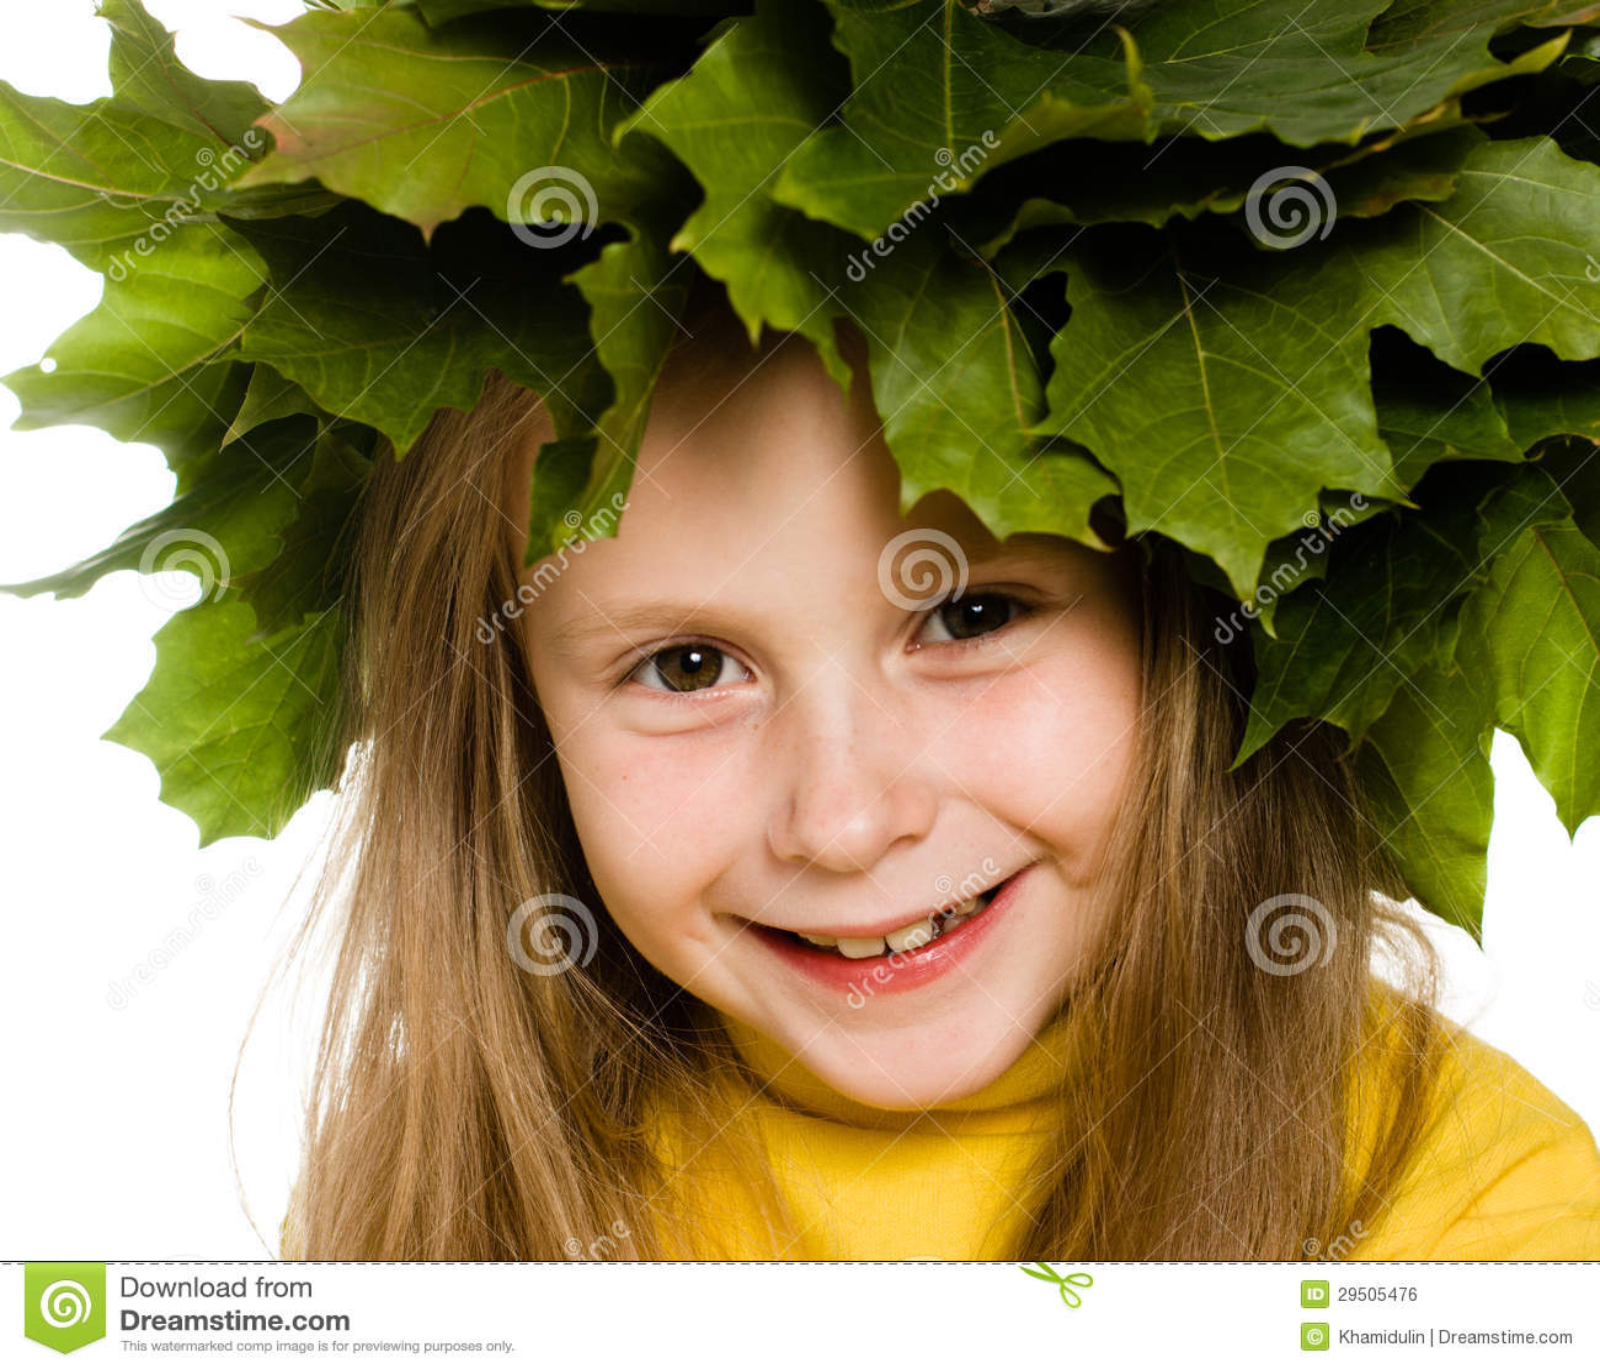 Meisje met groene esdoornbladeren op het hoofd